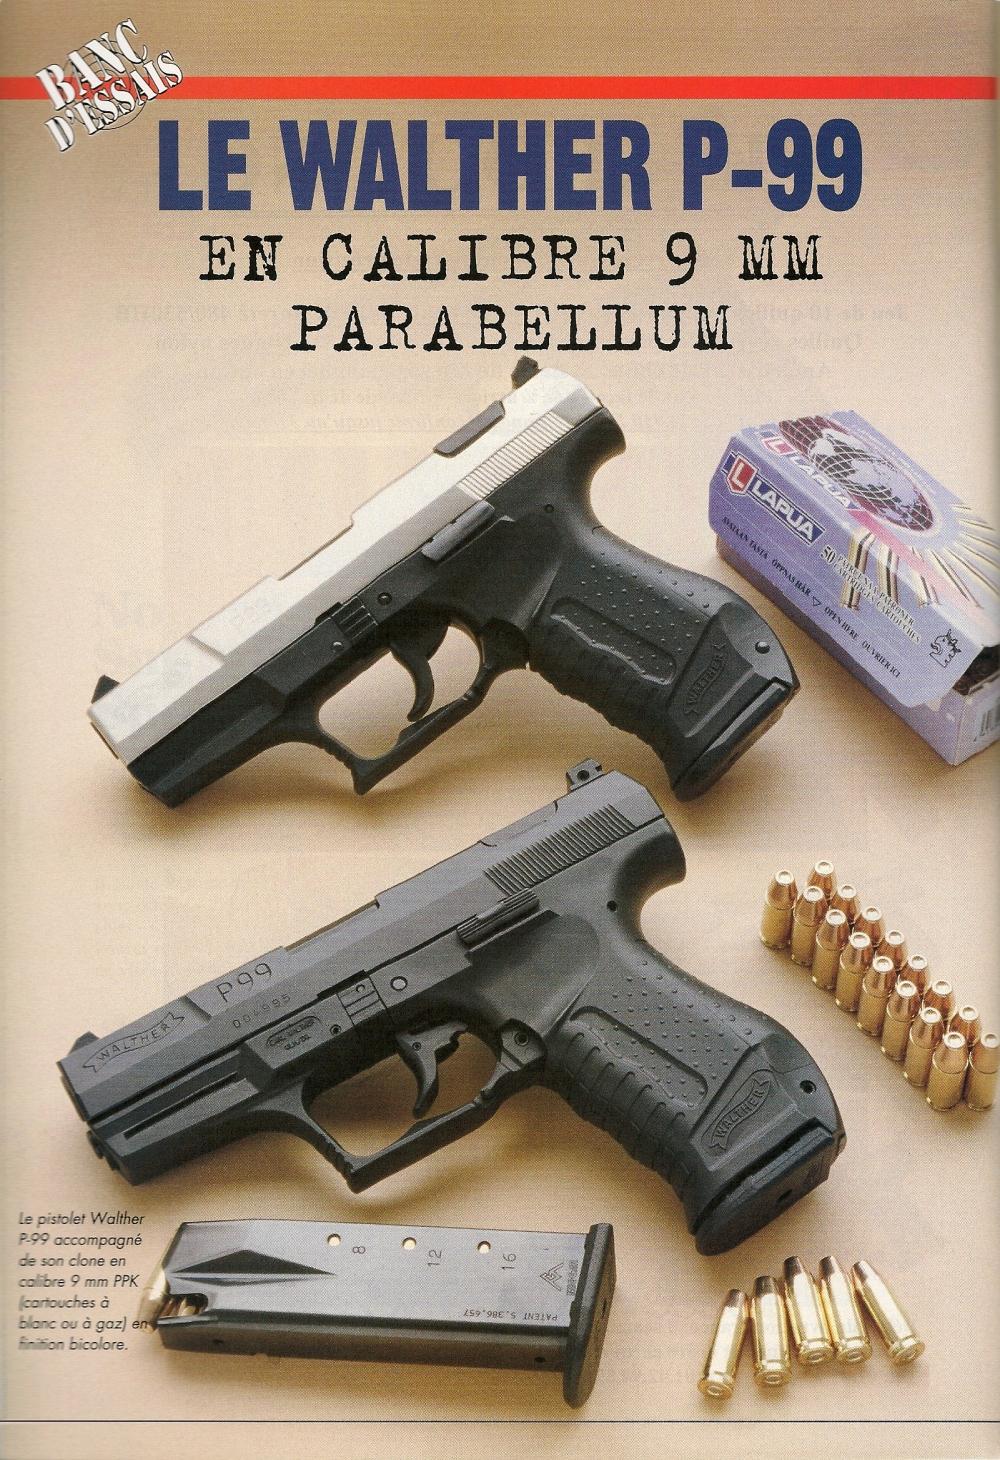 Le pistolet Walther P99, chambré en calibre 9 mm Parabellum, est accompagné ici par son clone en calibre 9 mm PPK (cartouches à blanc ou à gaz) en finition bicolore.